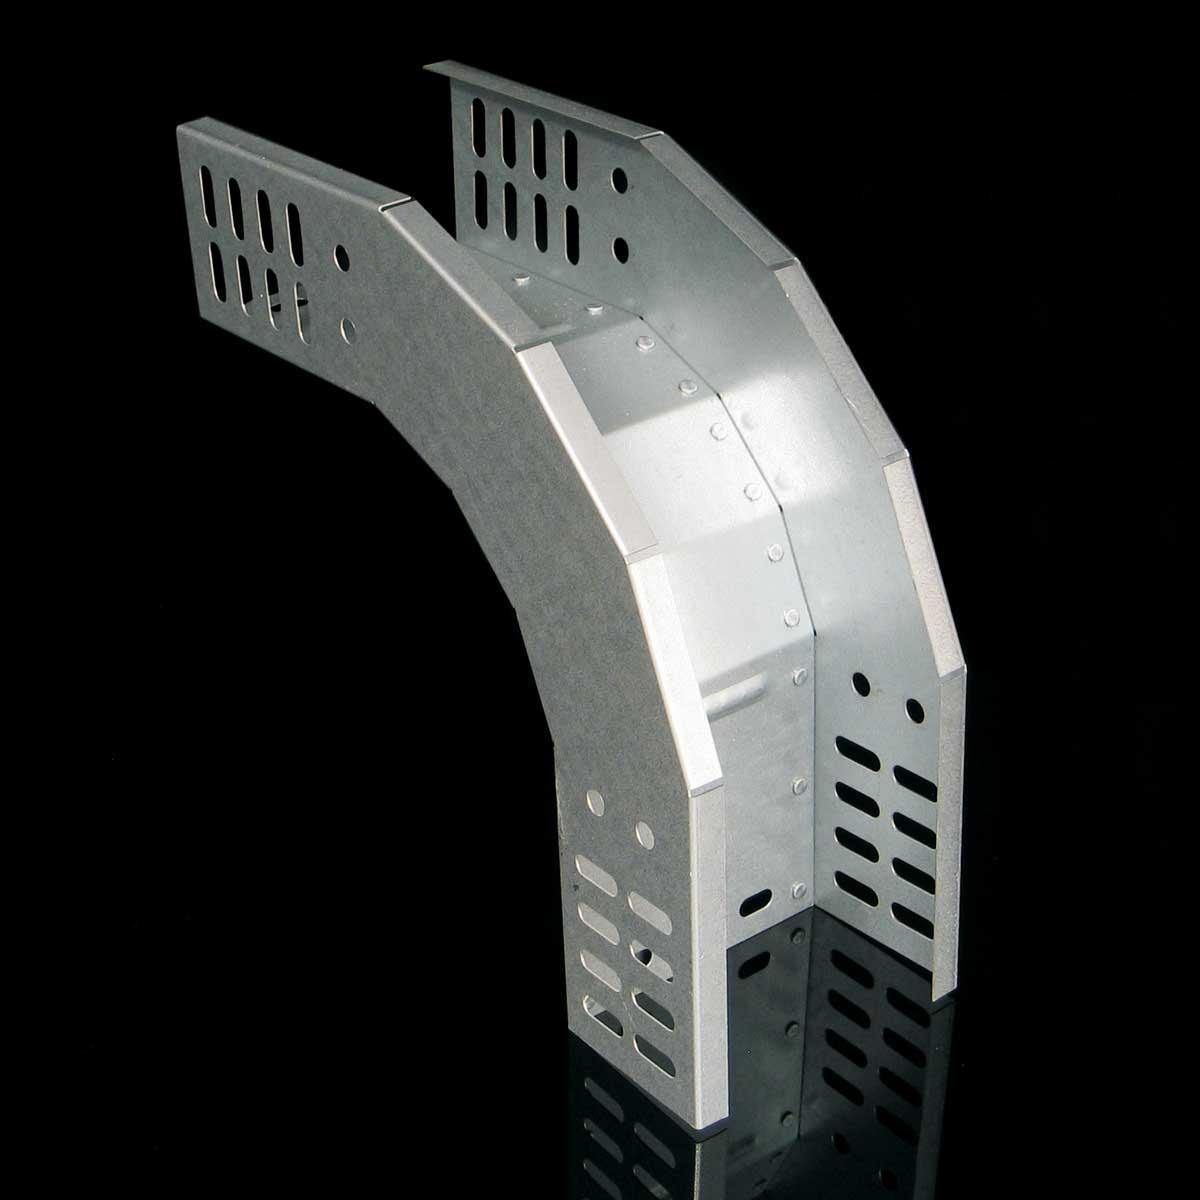 Поворот вертикальний зовнішній 90 для лотка JUPITER; розміри-85x200x270mm Товщ. метал-1 Вага-1,01кг/м